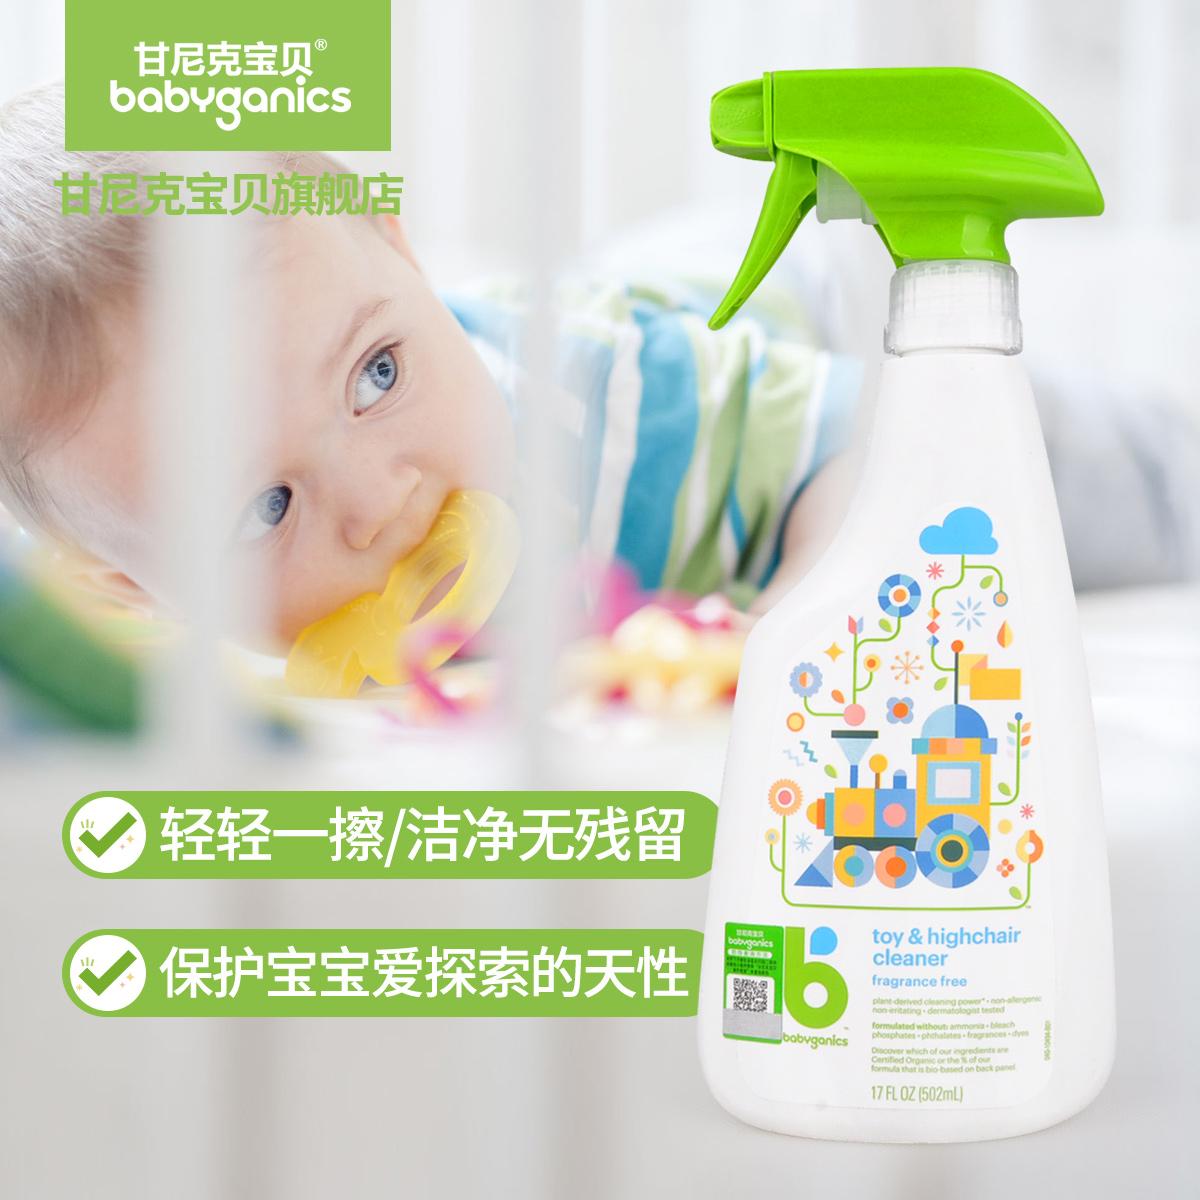 甘尼克宝贝BabyGanics 宝宝玩具清洁液婴儿餐椅清洁喷雾剂